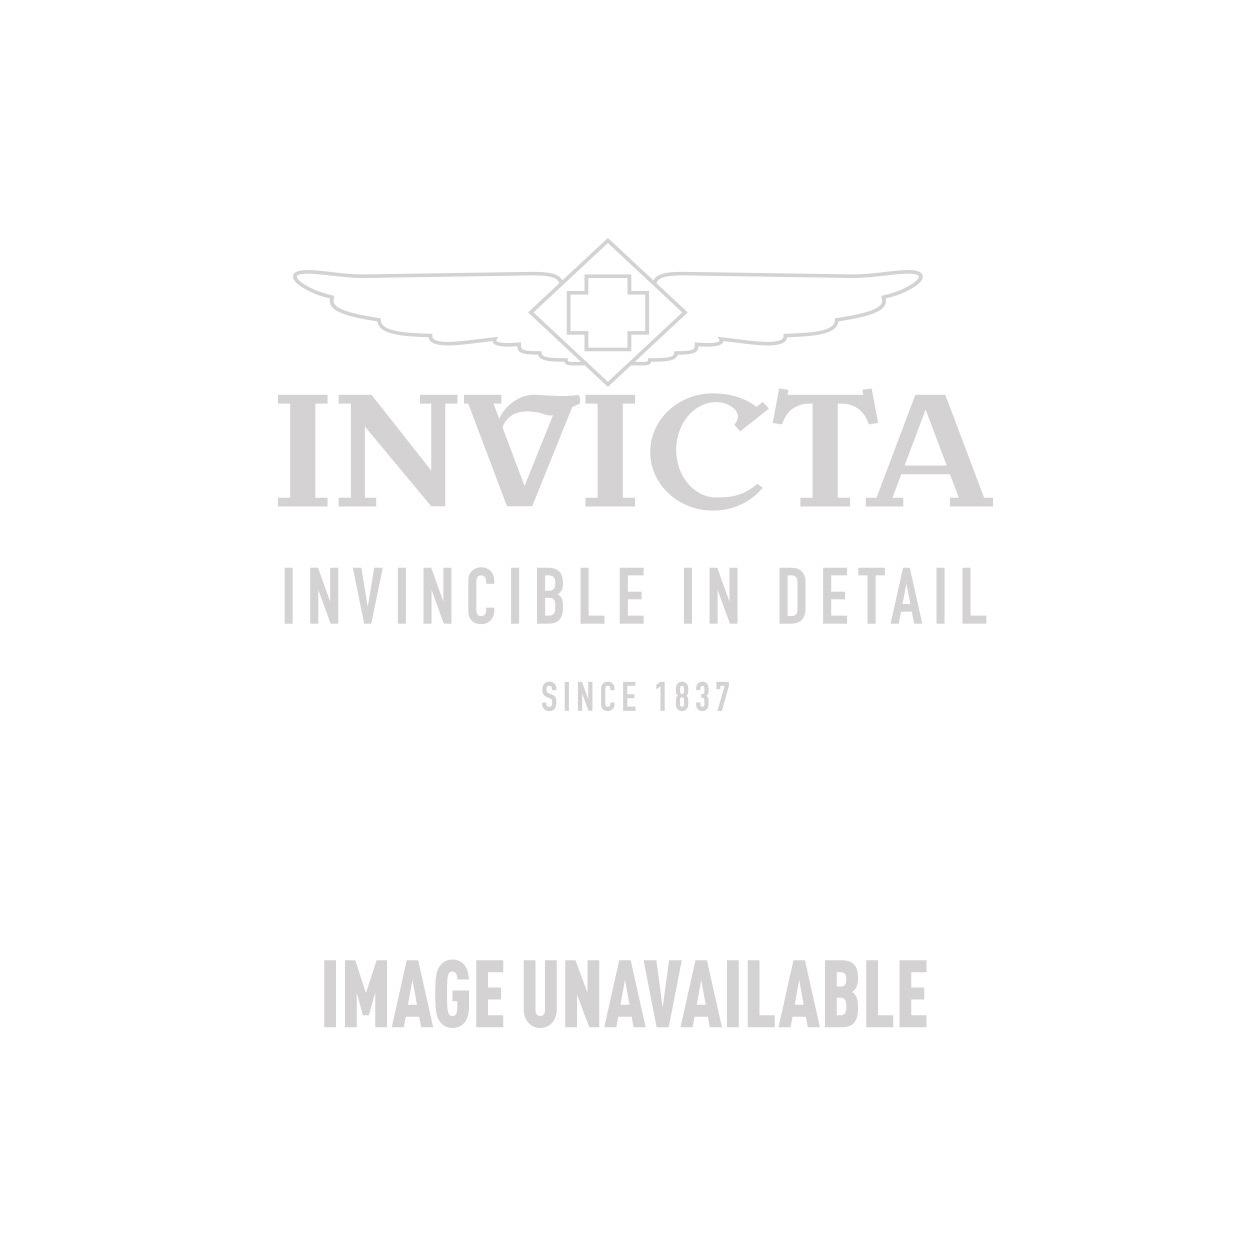 Invicta Model  25422